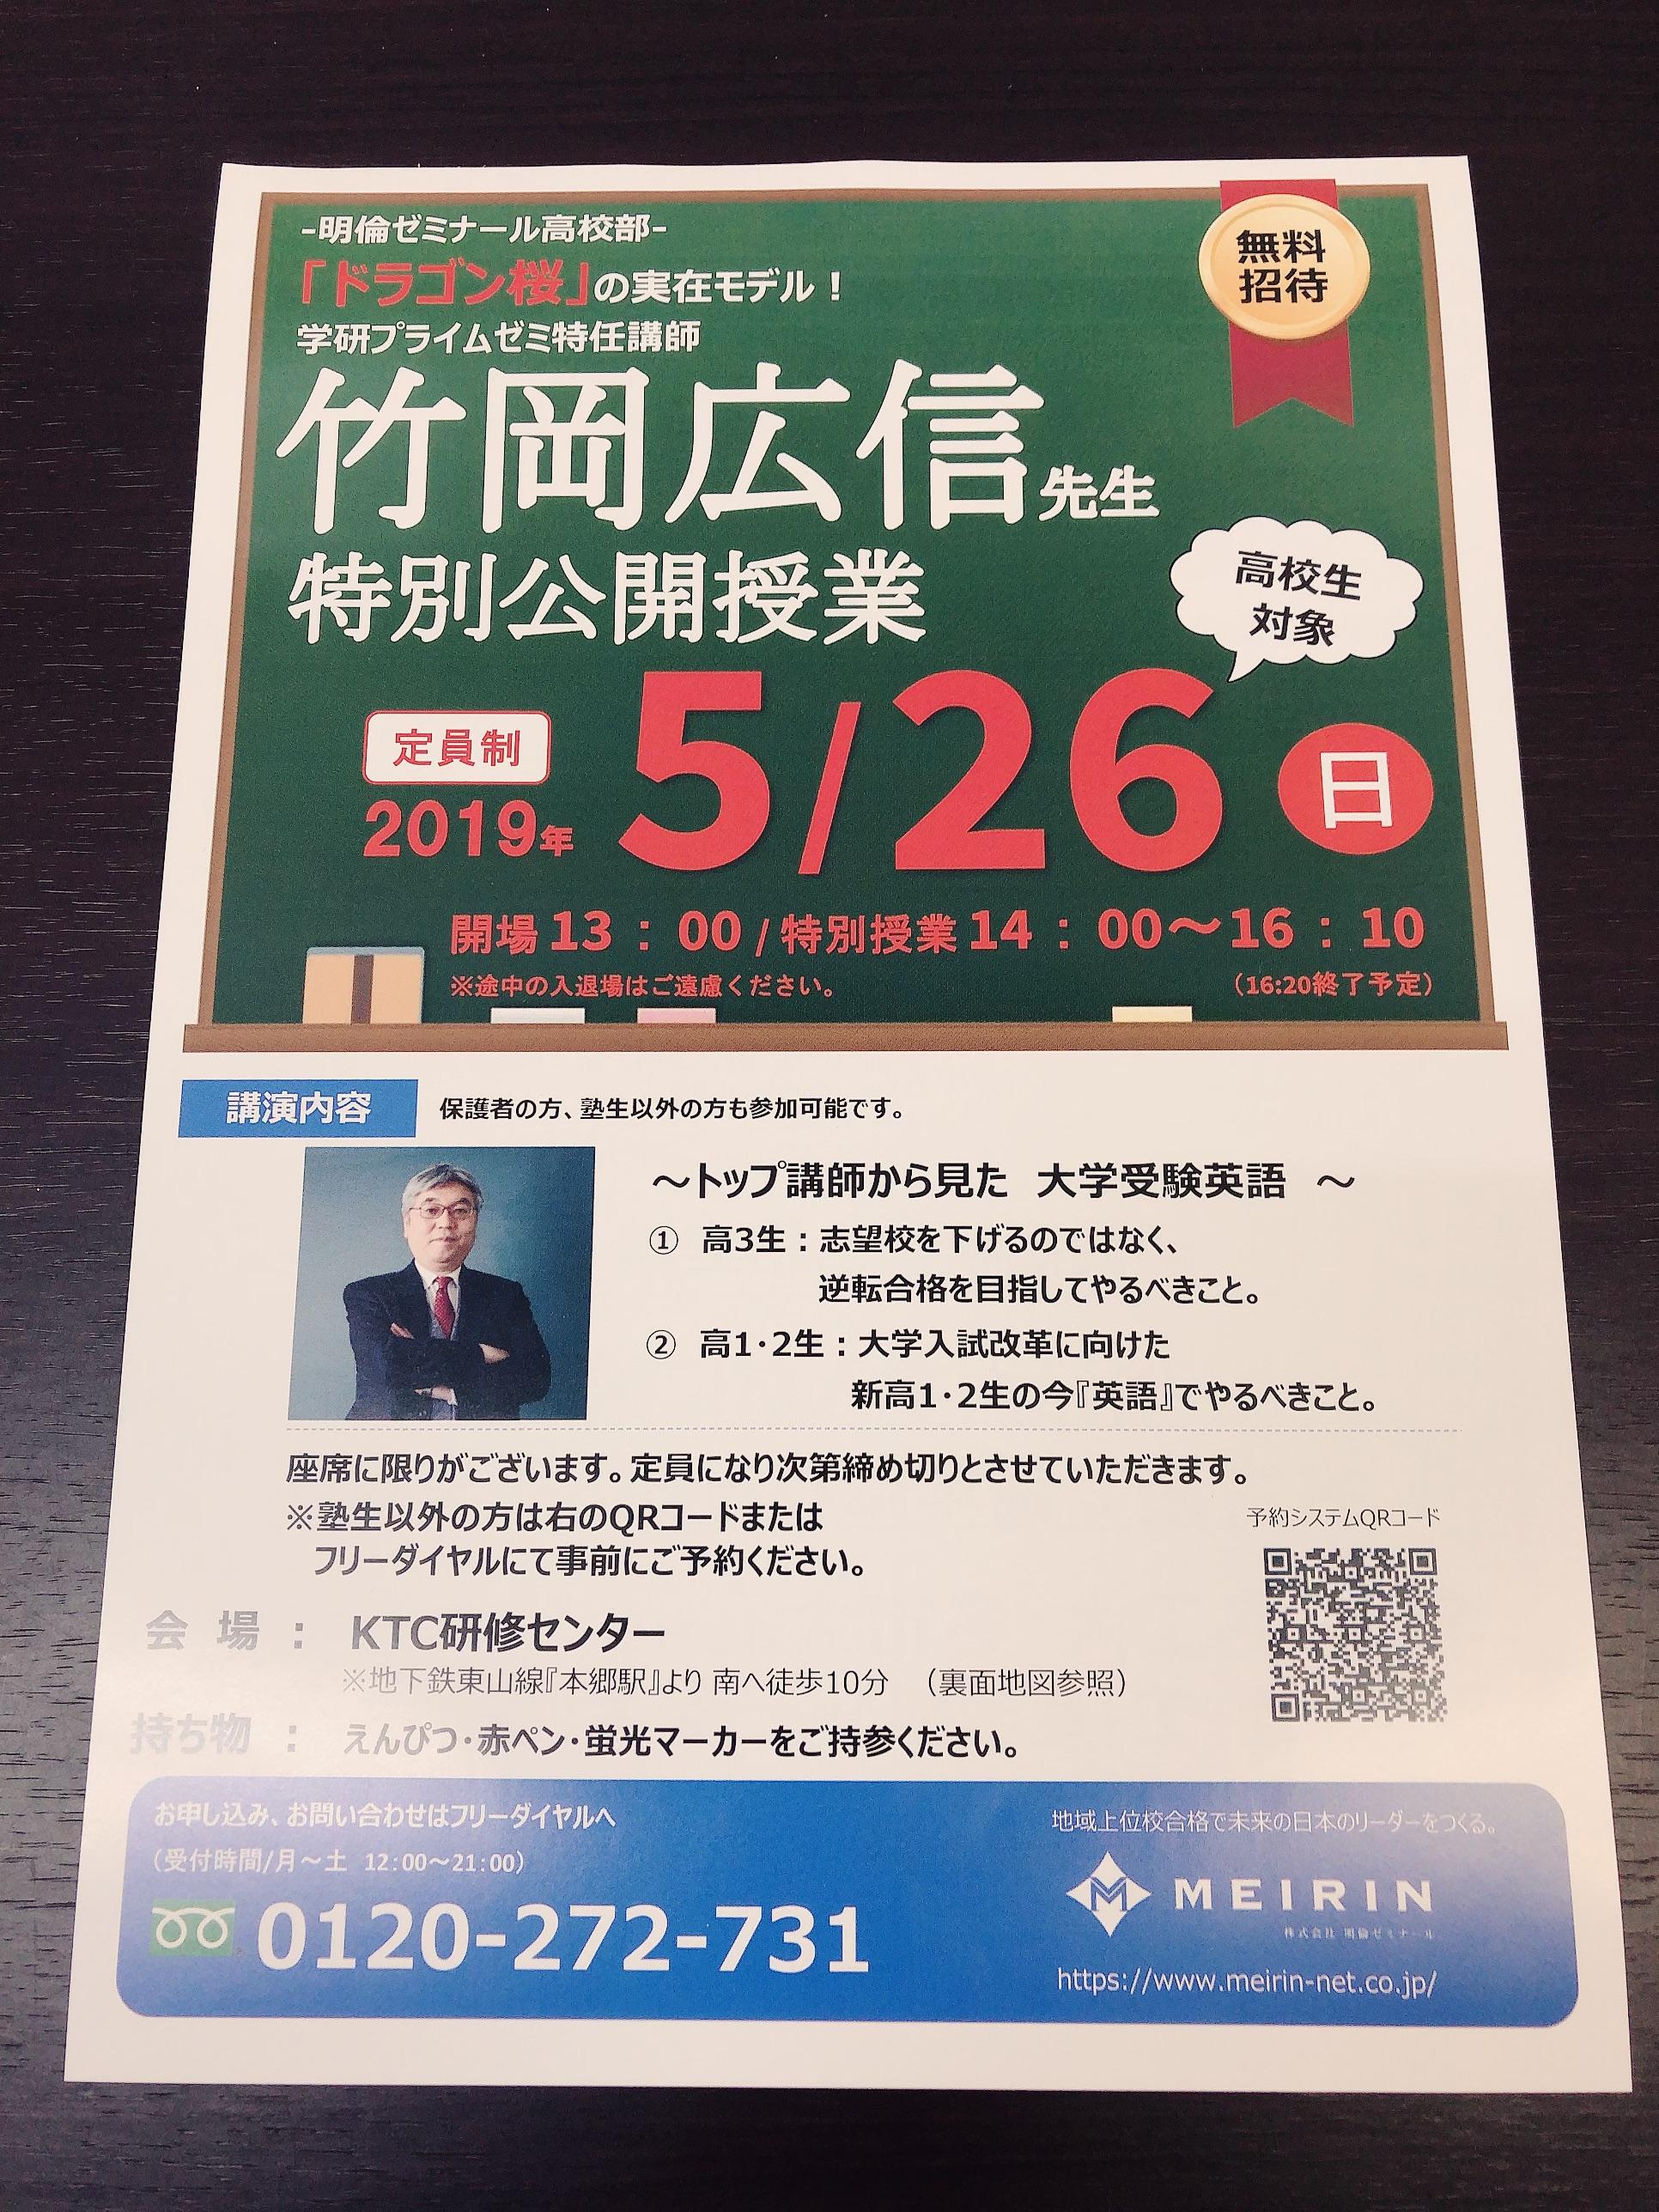 https://www.meirin-net.co.jp/classroom/ozone/IMG_1125.jpg